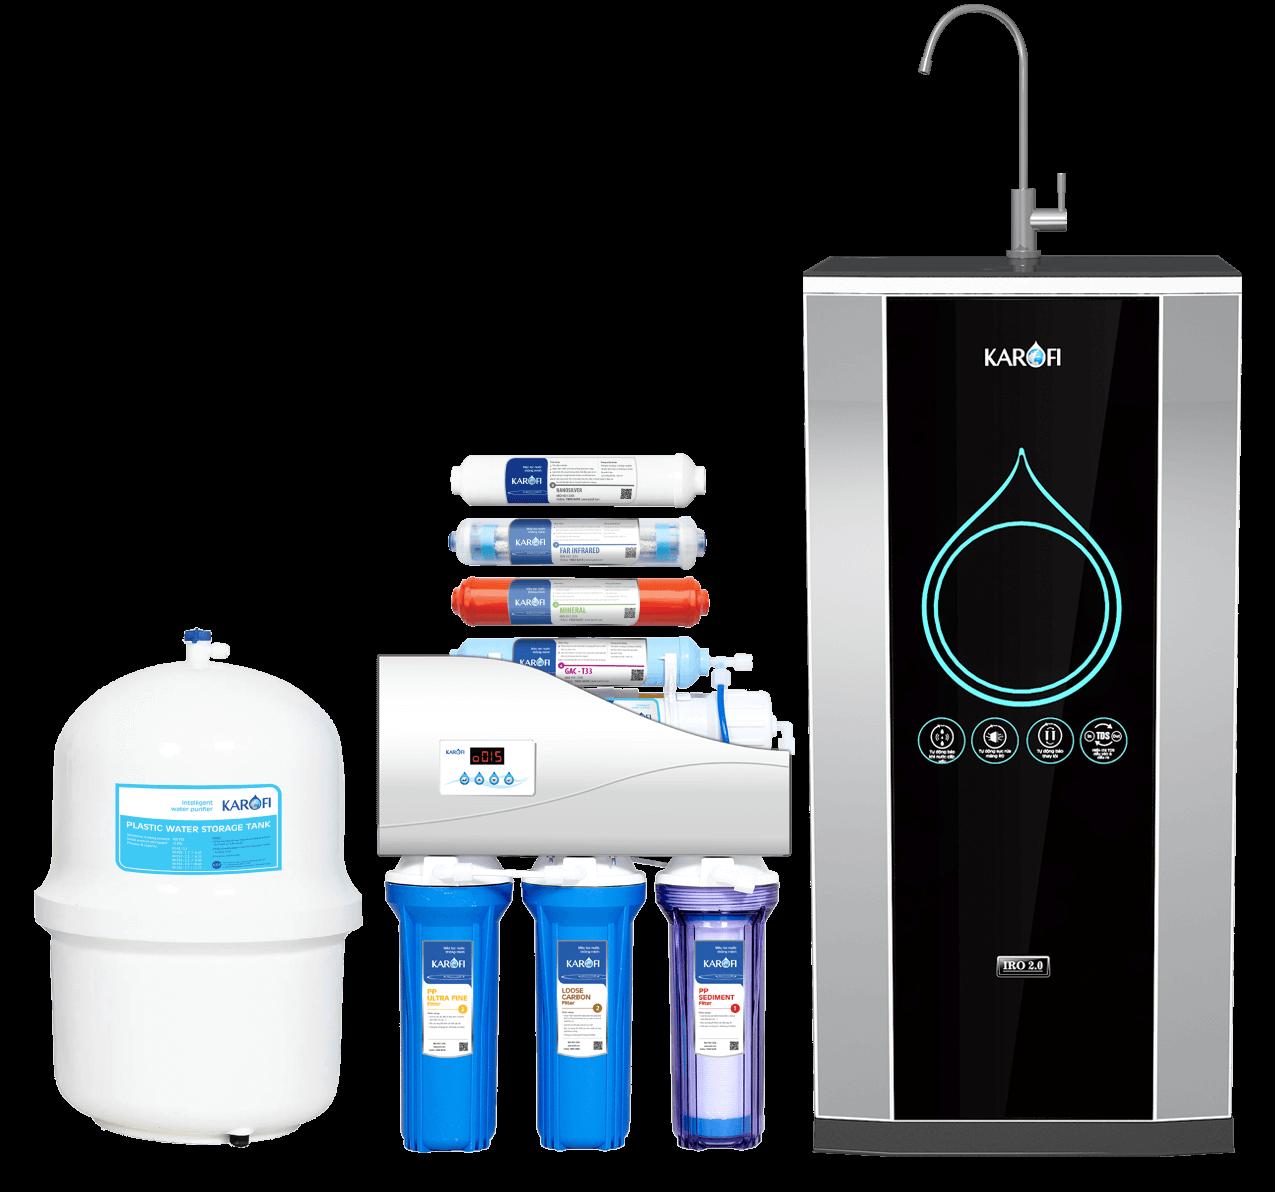 Sửa chữa,bảo dưỡng máy lọc nước công nghiệp và dân dụng tại hà nội uy tín giá rẻ-0911464875